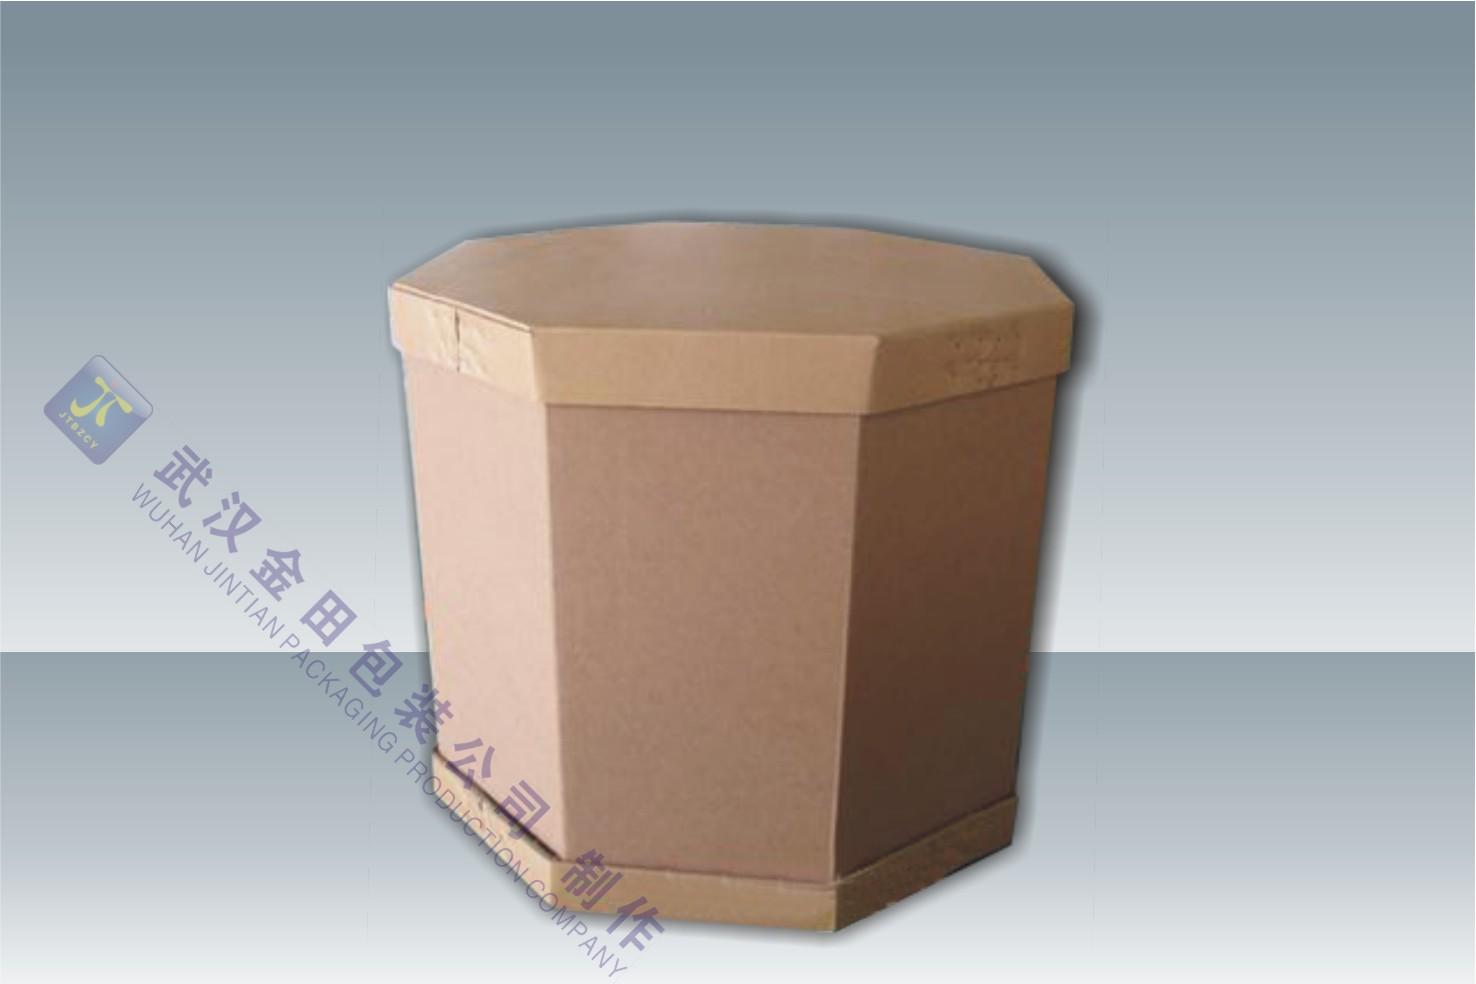 武汉纸箱厂,武汉纸箱定做,武汉瓦楞纸箱,武汉工业专用纸箱